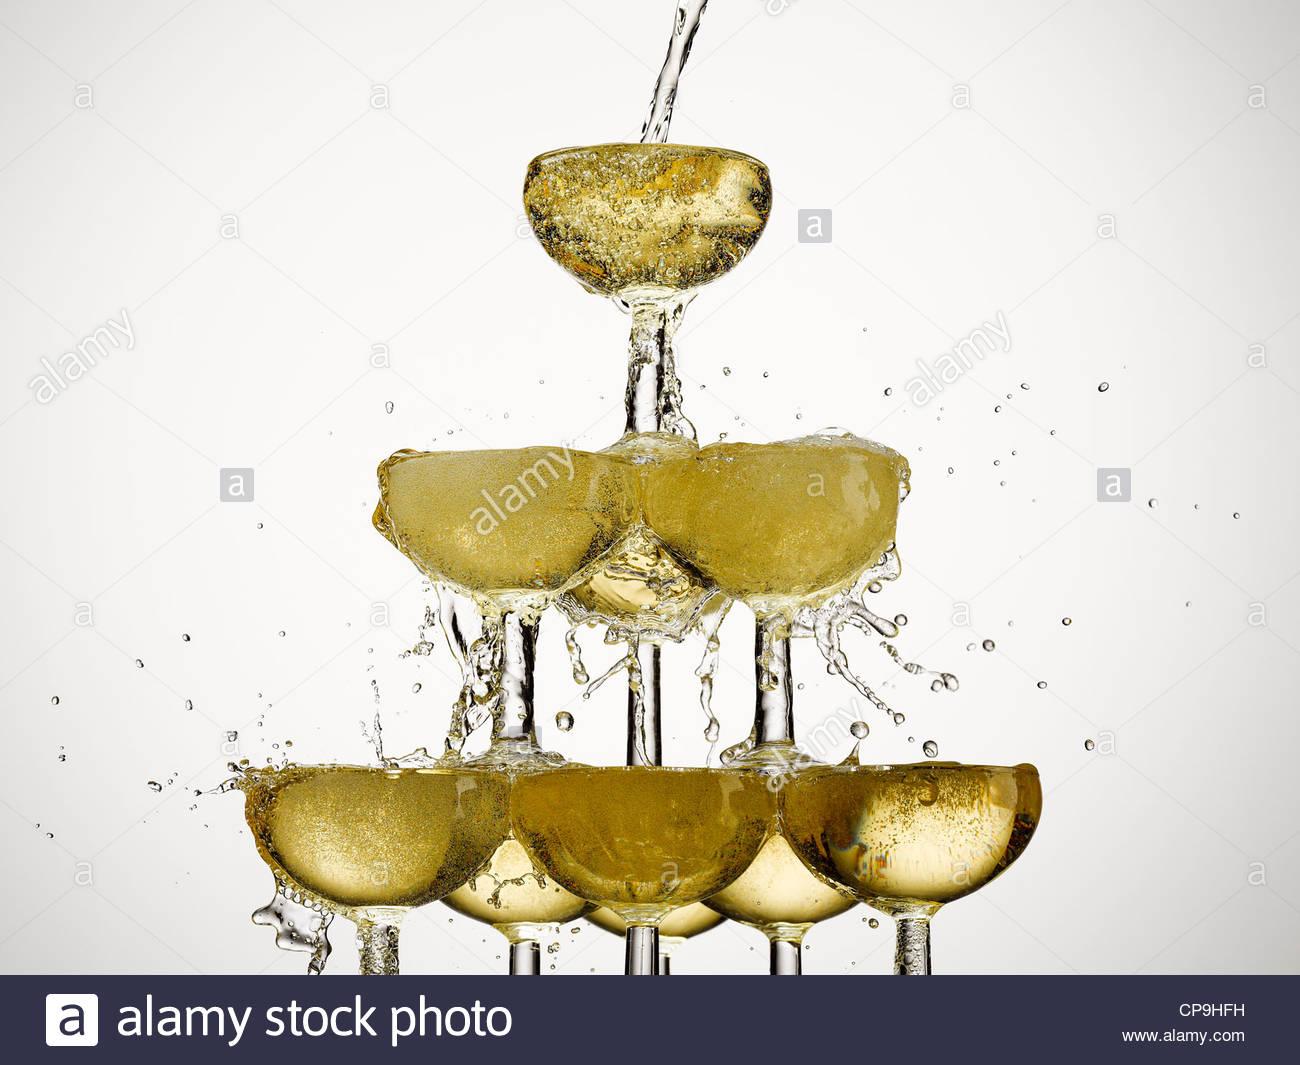 Fülle, Feier, Champagner, Champagner-Glas, Farbbild, Konzept, Energie, Überschuss, Überschwang, Füllung, Stockbild